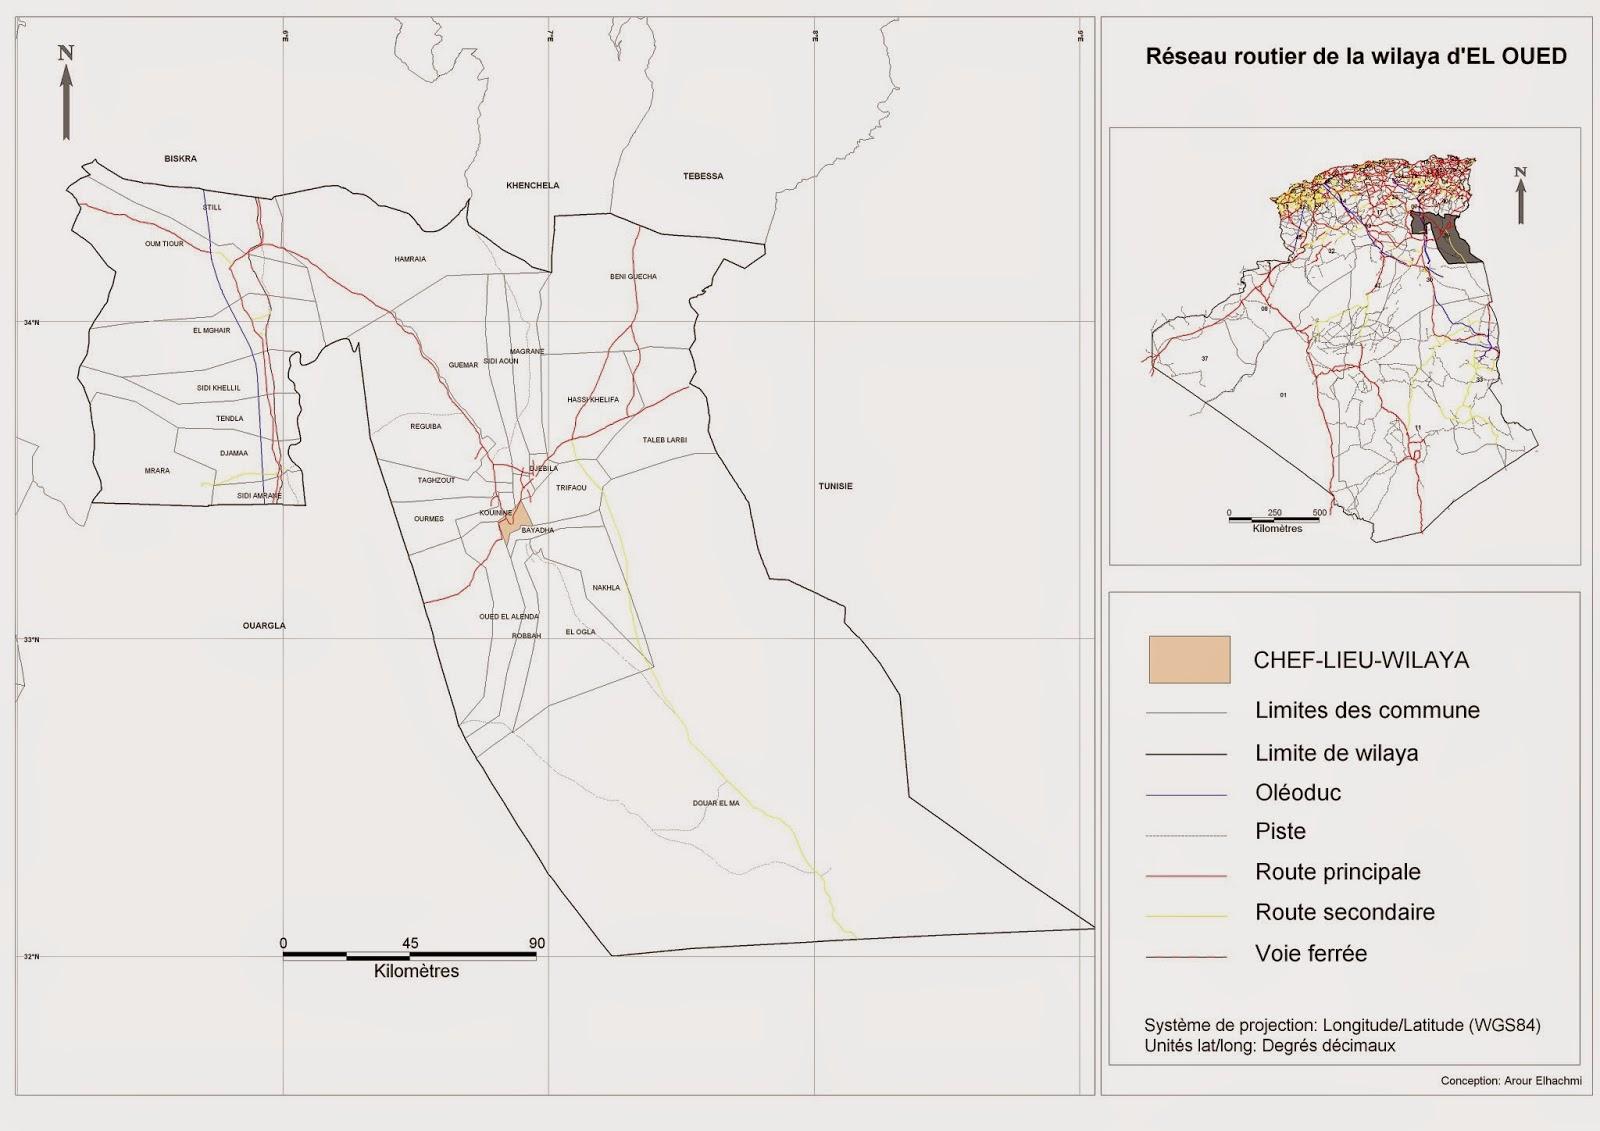 Carte Algerie El Oued.Decoupage Administratif De L Algerie Monographie Carte Du